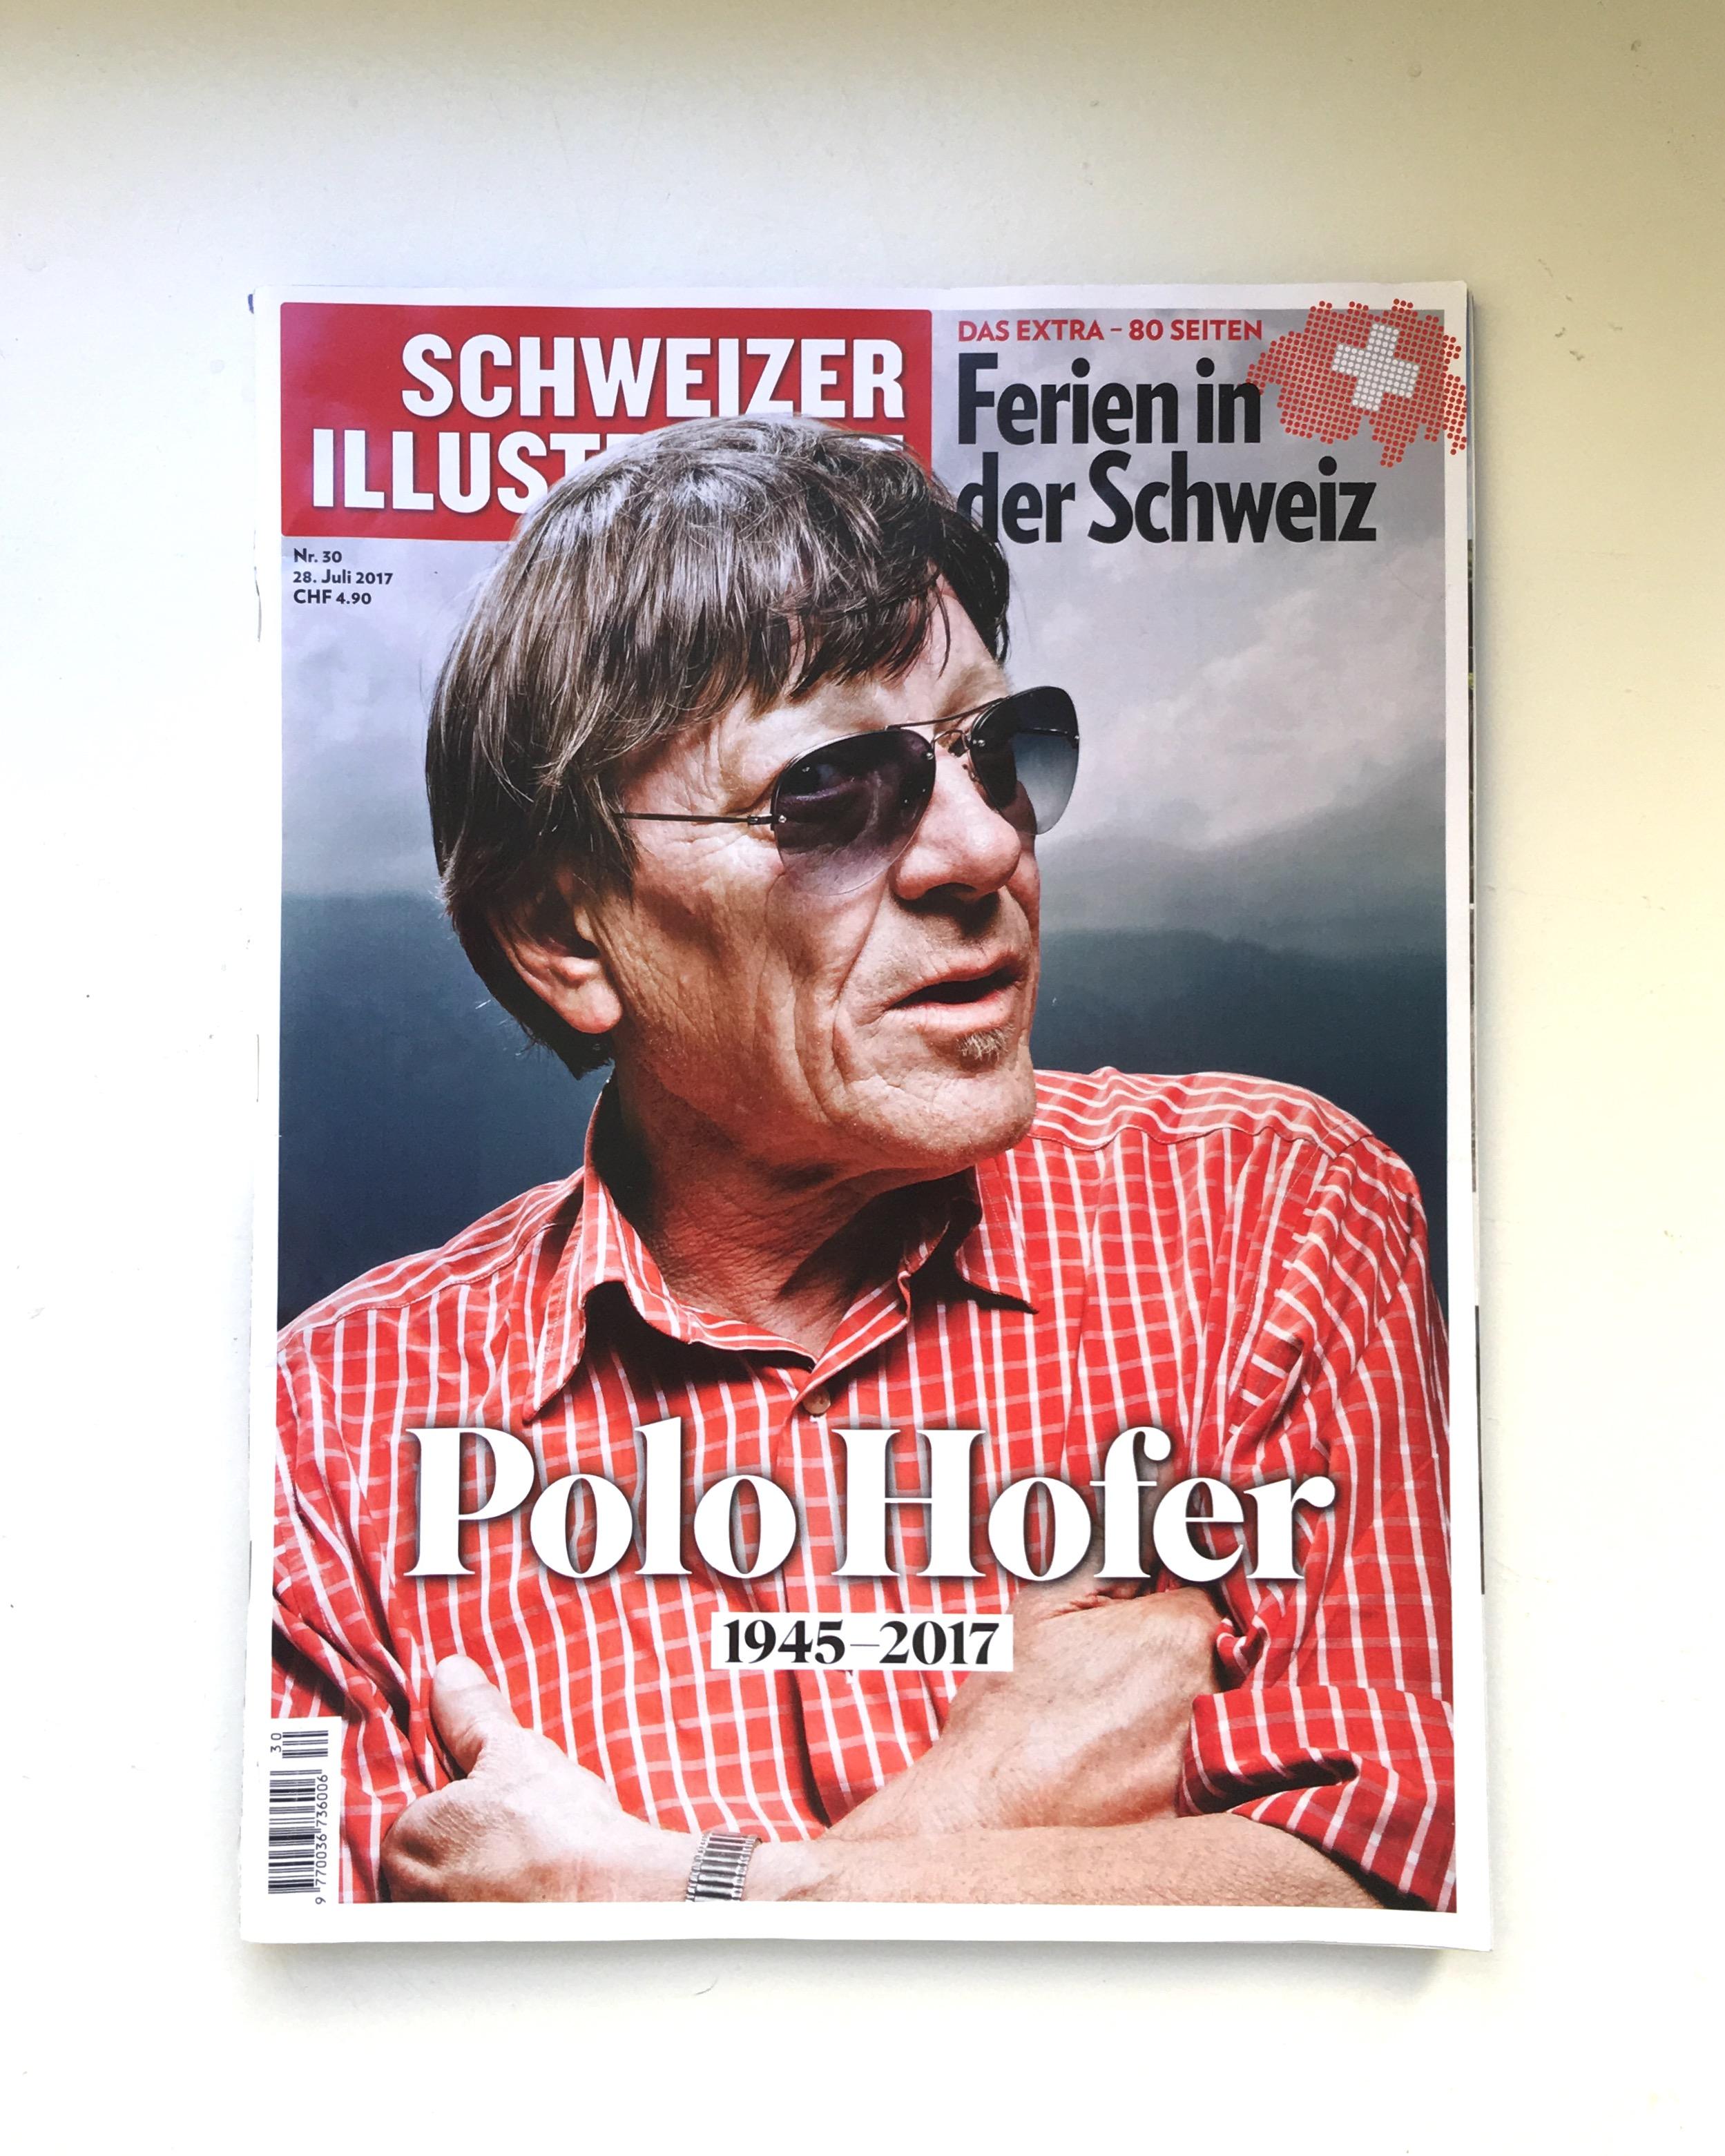 schweizer_schweizer_illustrierte_burninglights_peace_club